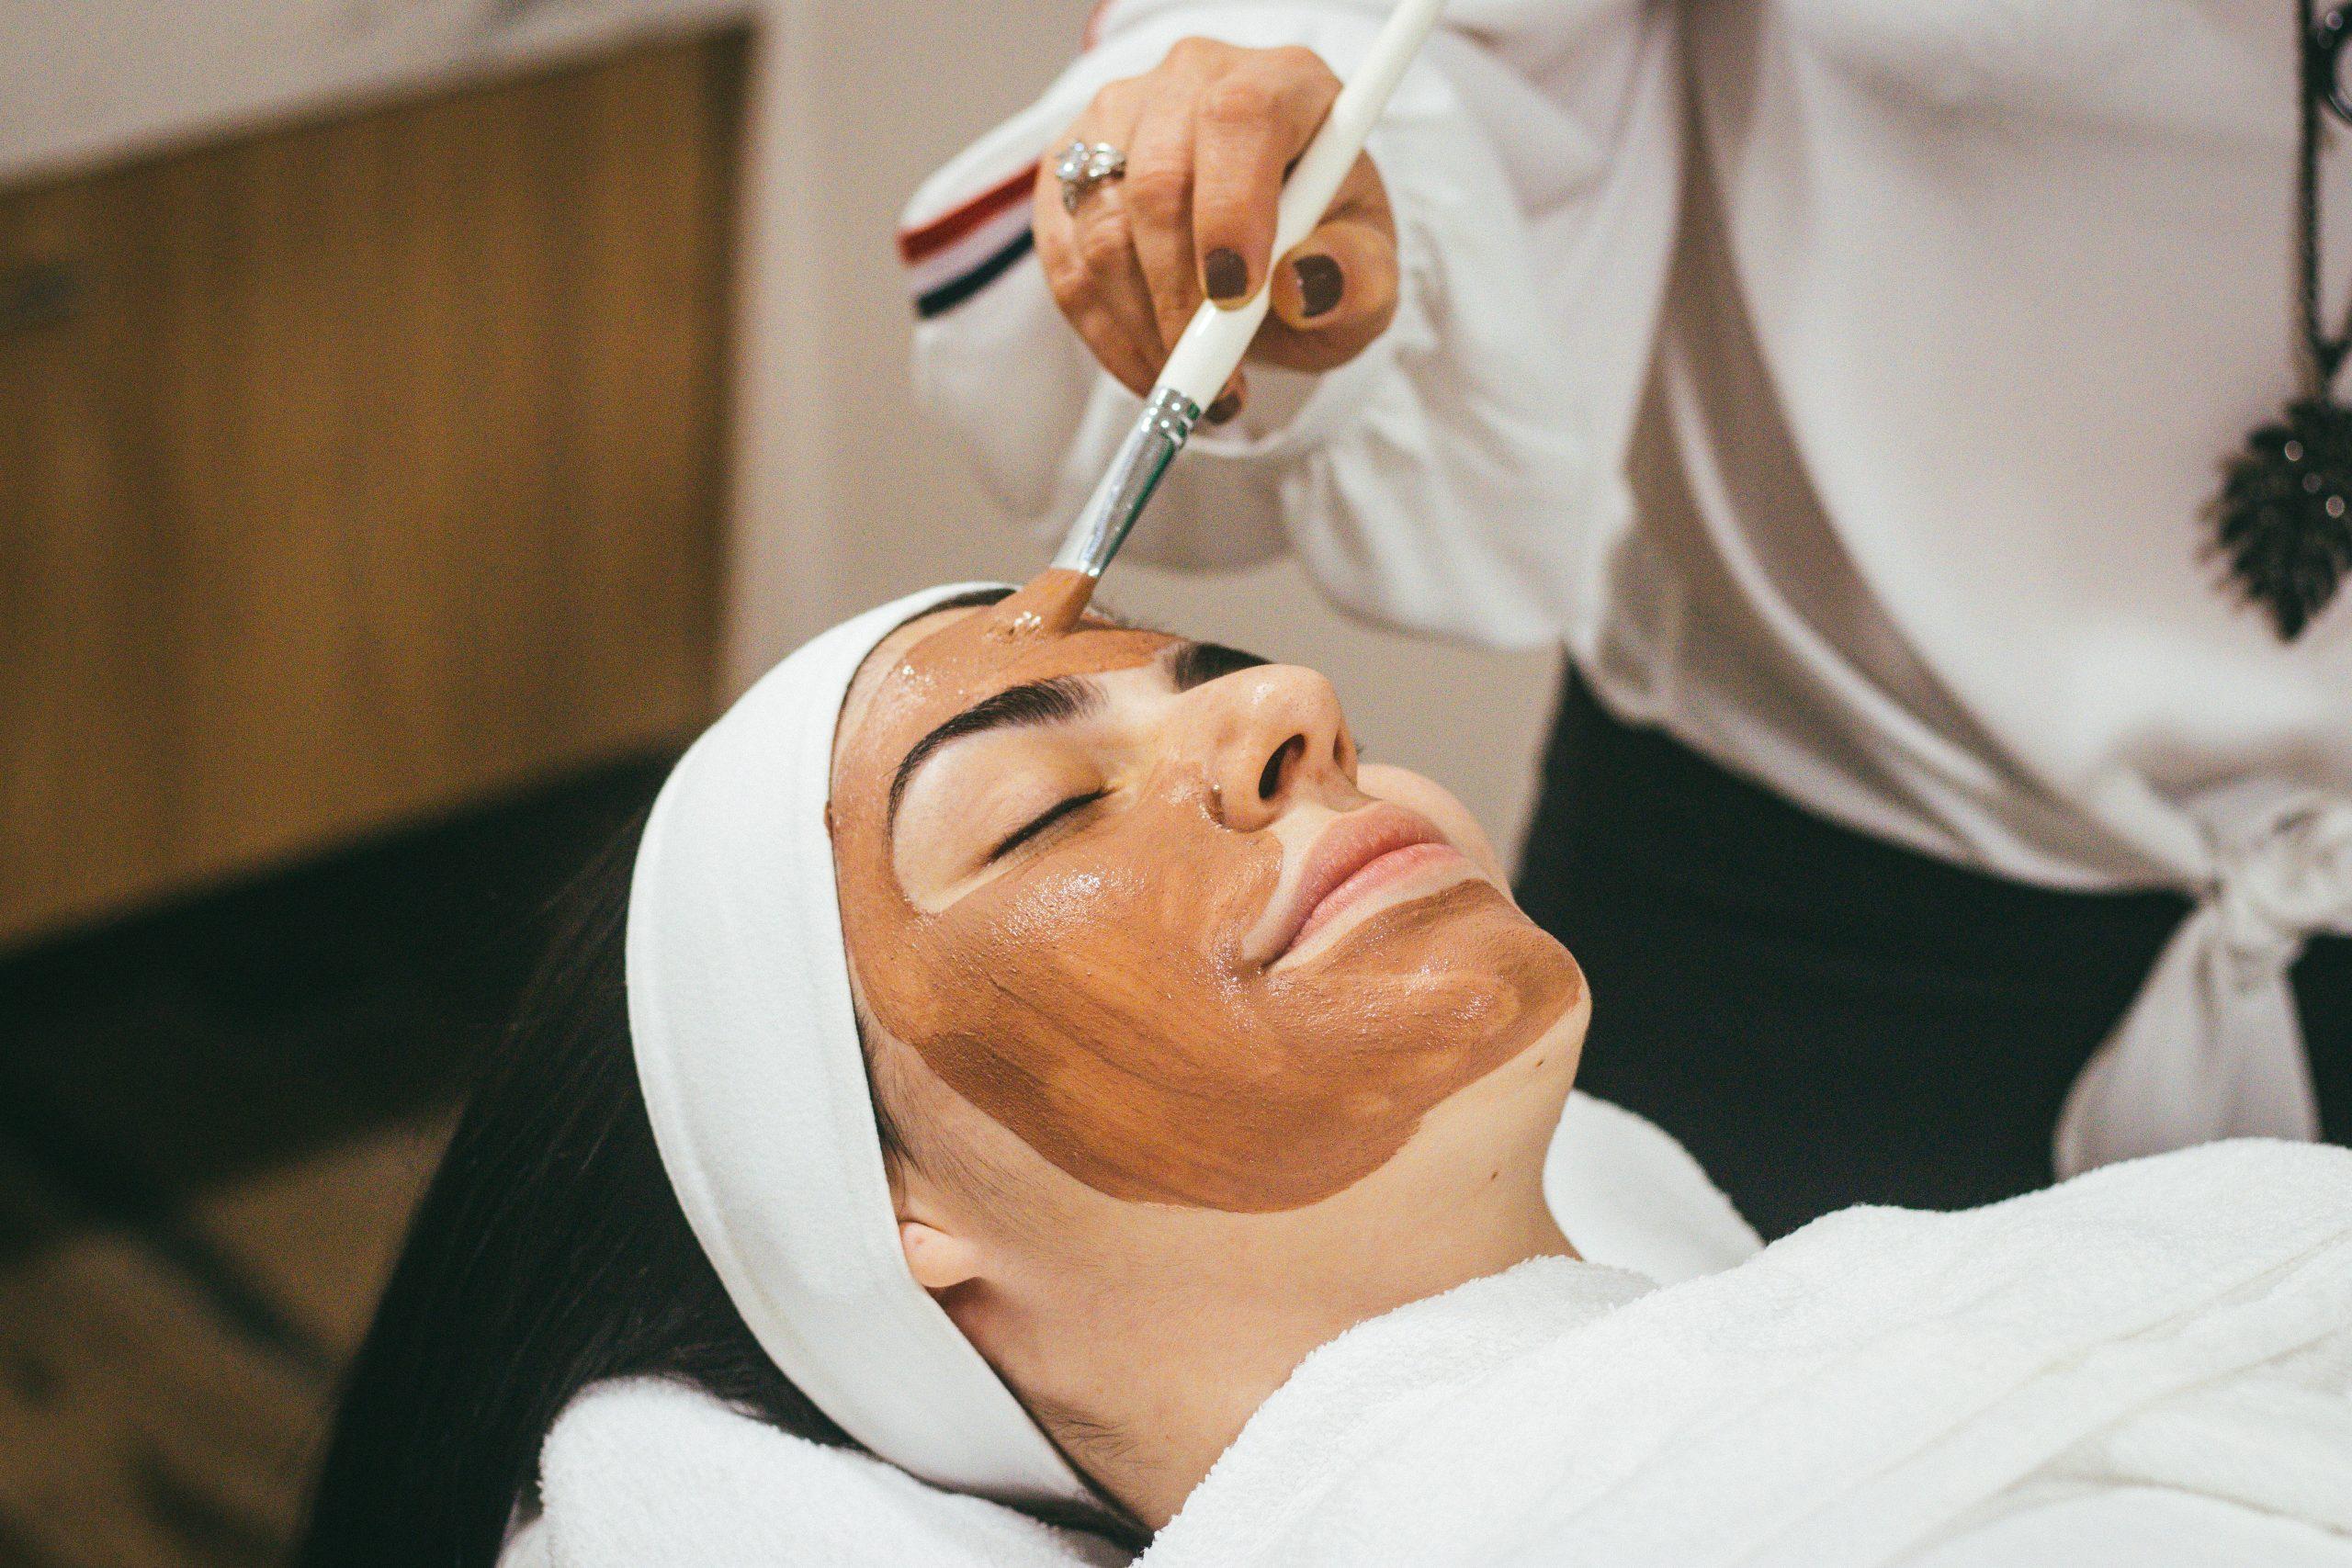 Daftar Harga Masker Murah Favorit Konsumen- Dunia Wanita